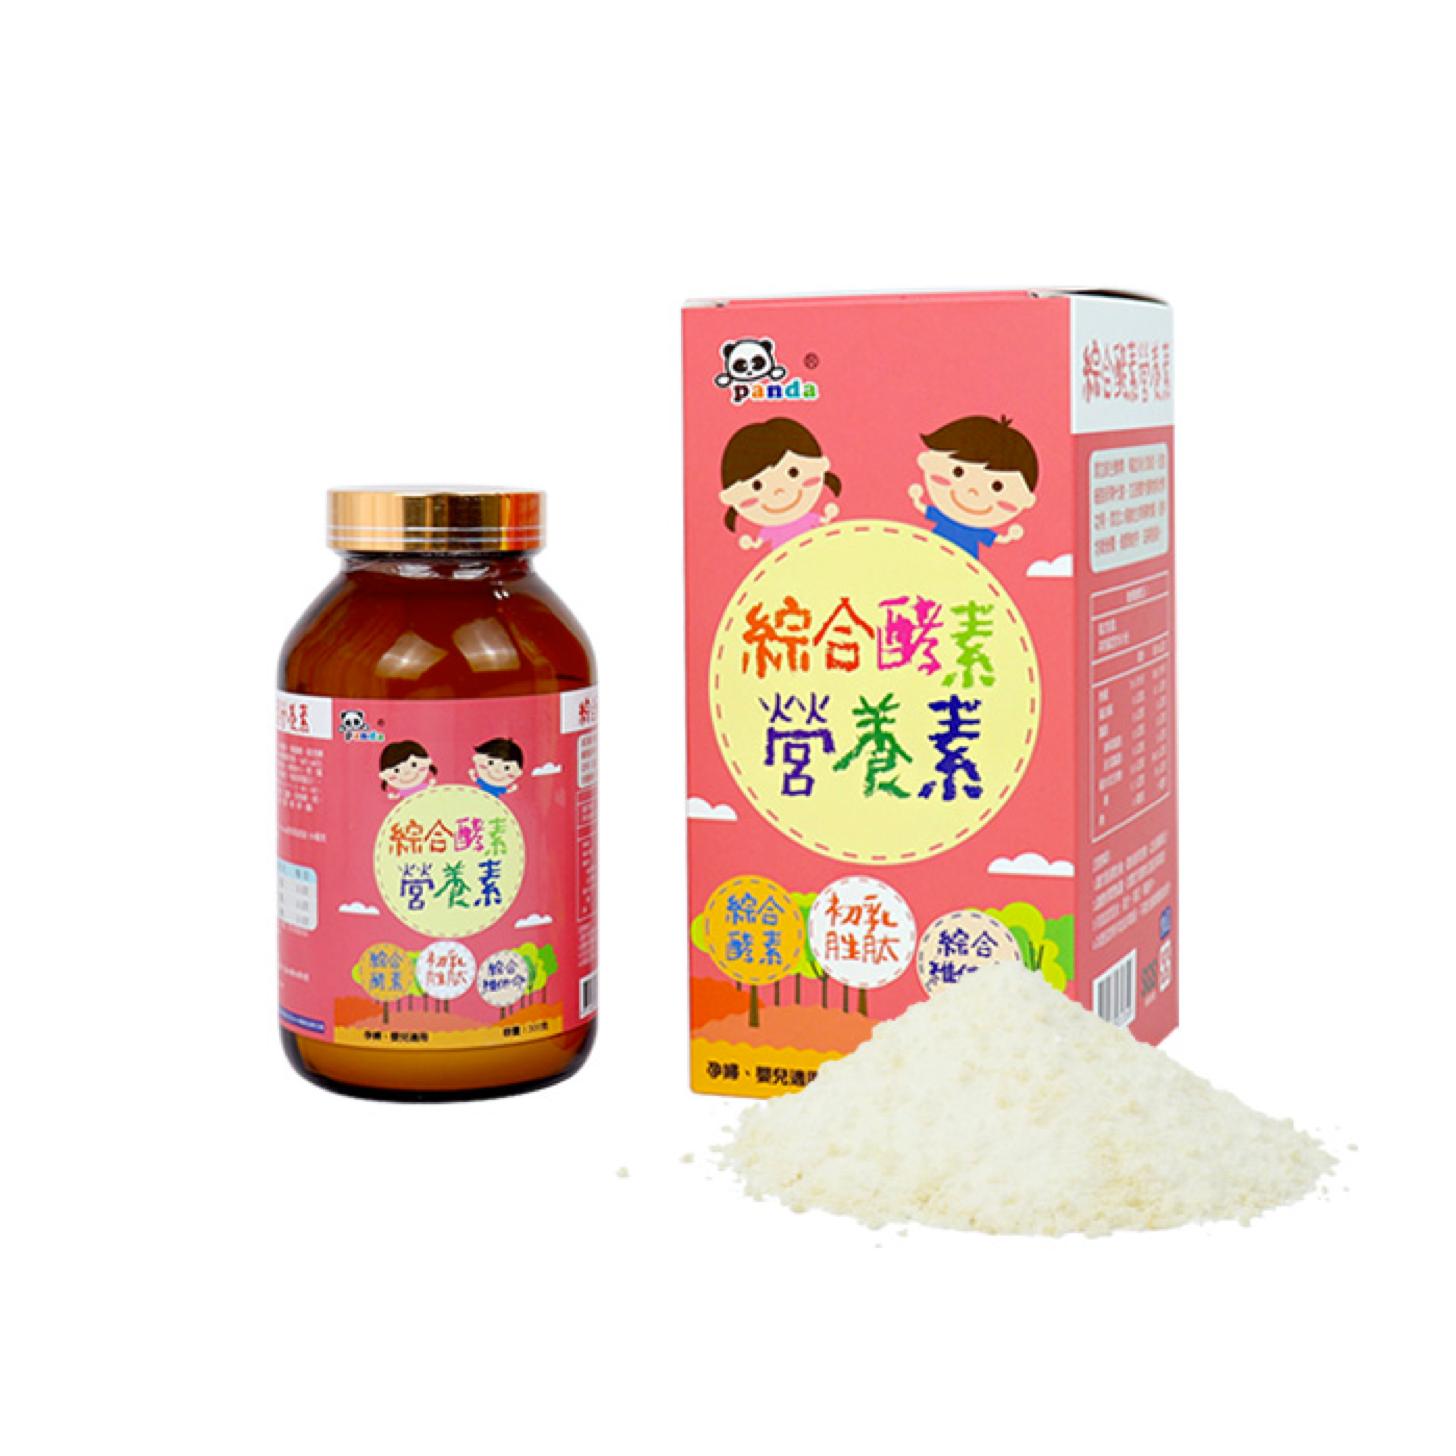 綜合酵素營養素粉 -